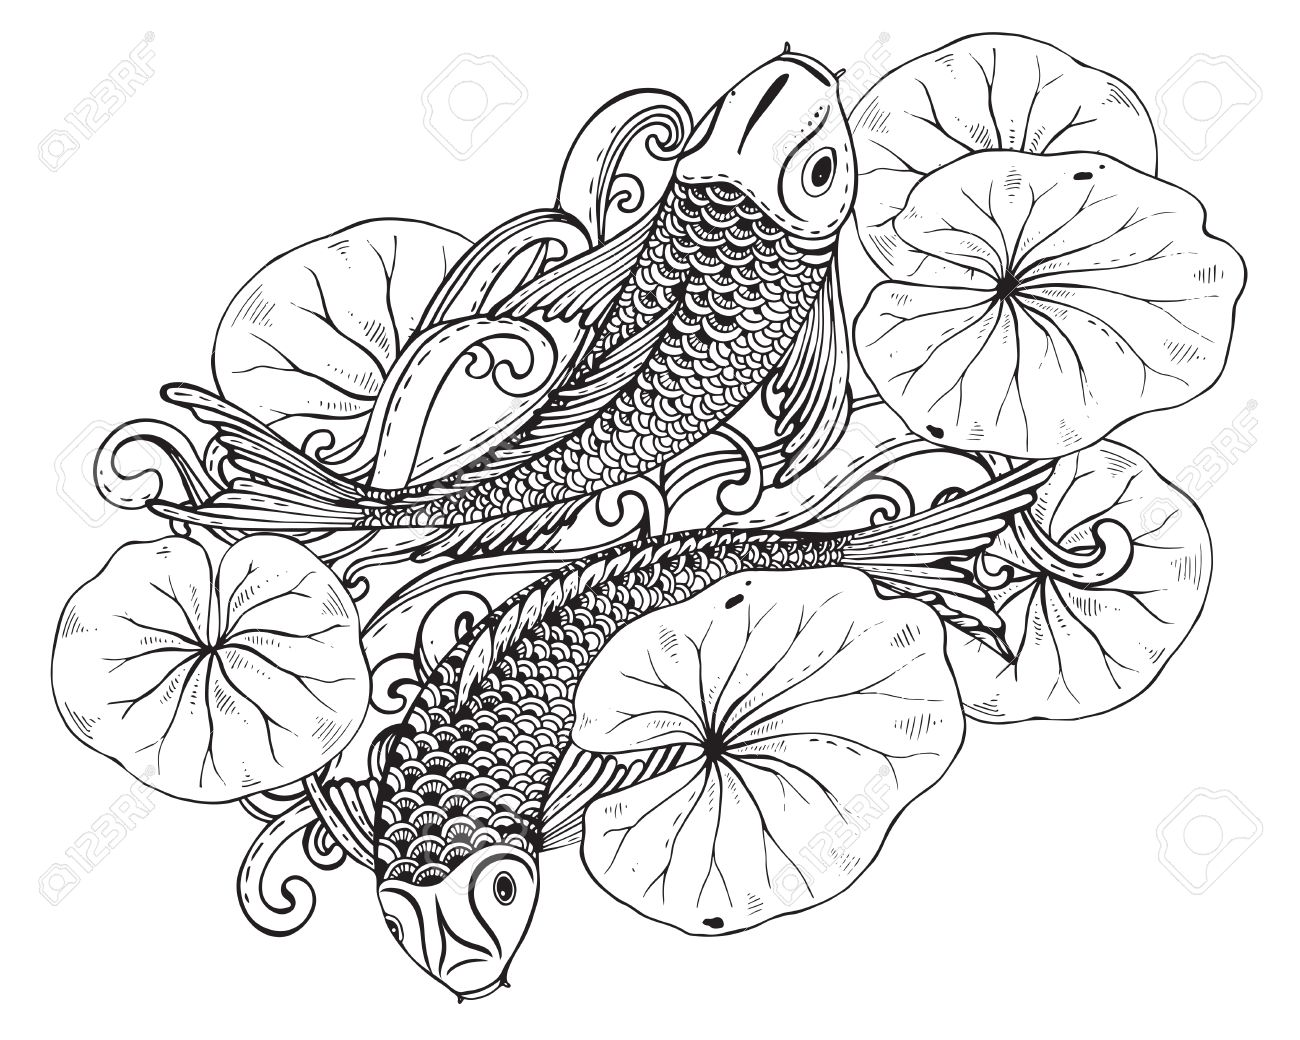 Mano Vector Dibujado La Ilustración De Dos Peces Koi (carpa Japonesa ...